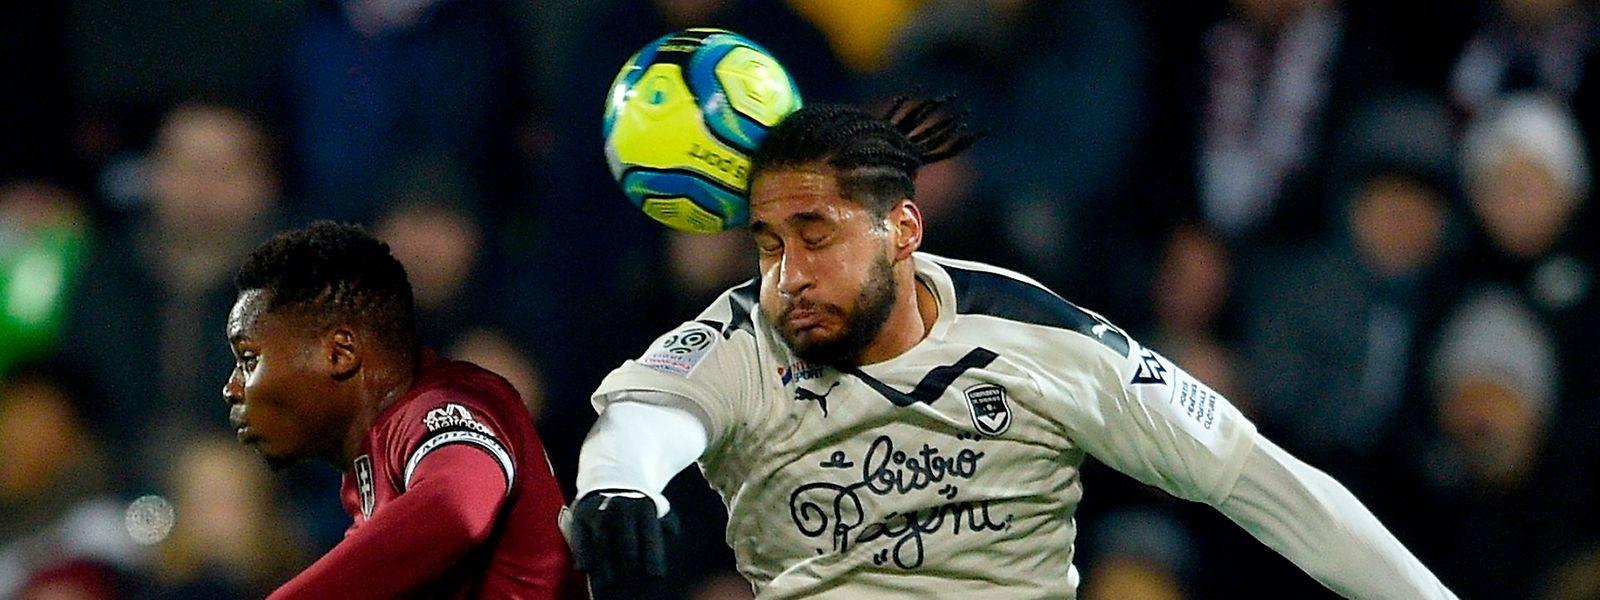 Habib Diallo dominé par Pablo Nascimento. Le FC Metz s'est fait surprendre à domicile par les Girondins de Bordeaux 1-2.